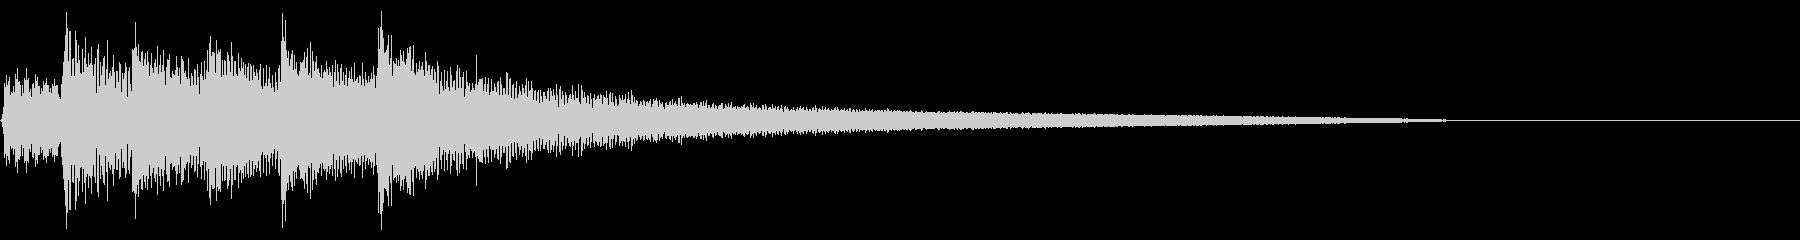 さびしい アルペジオ ナイロンギターの未再生の波形